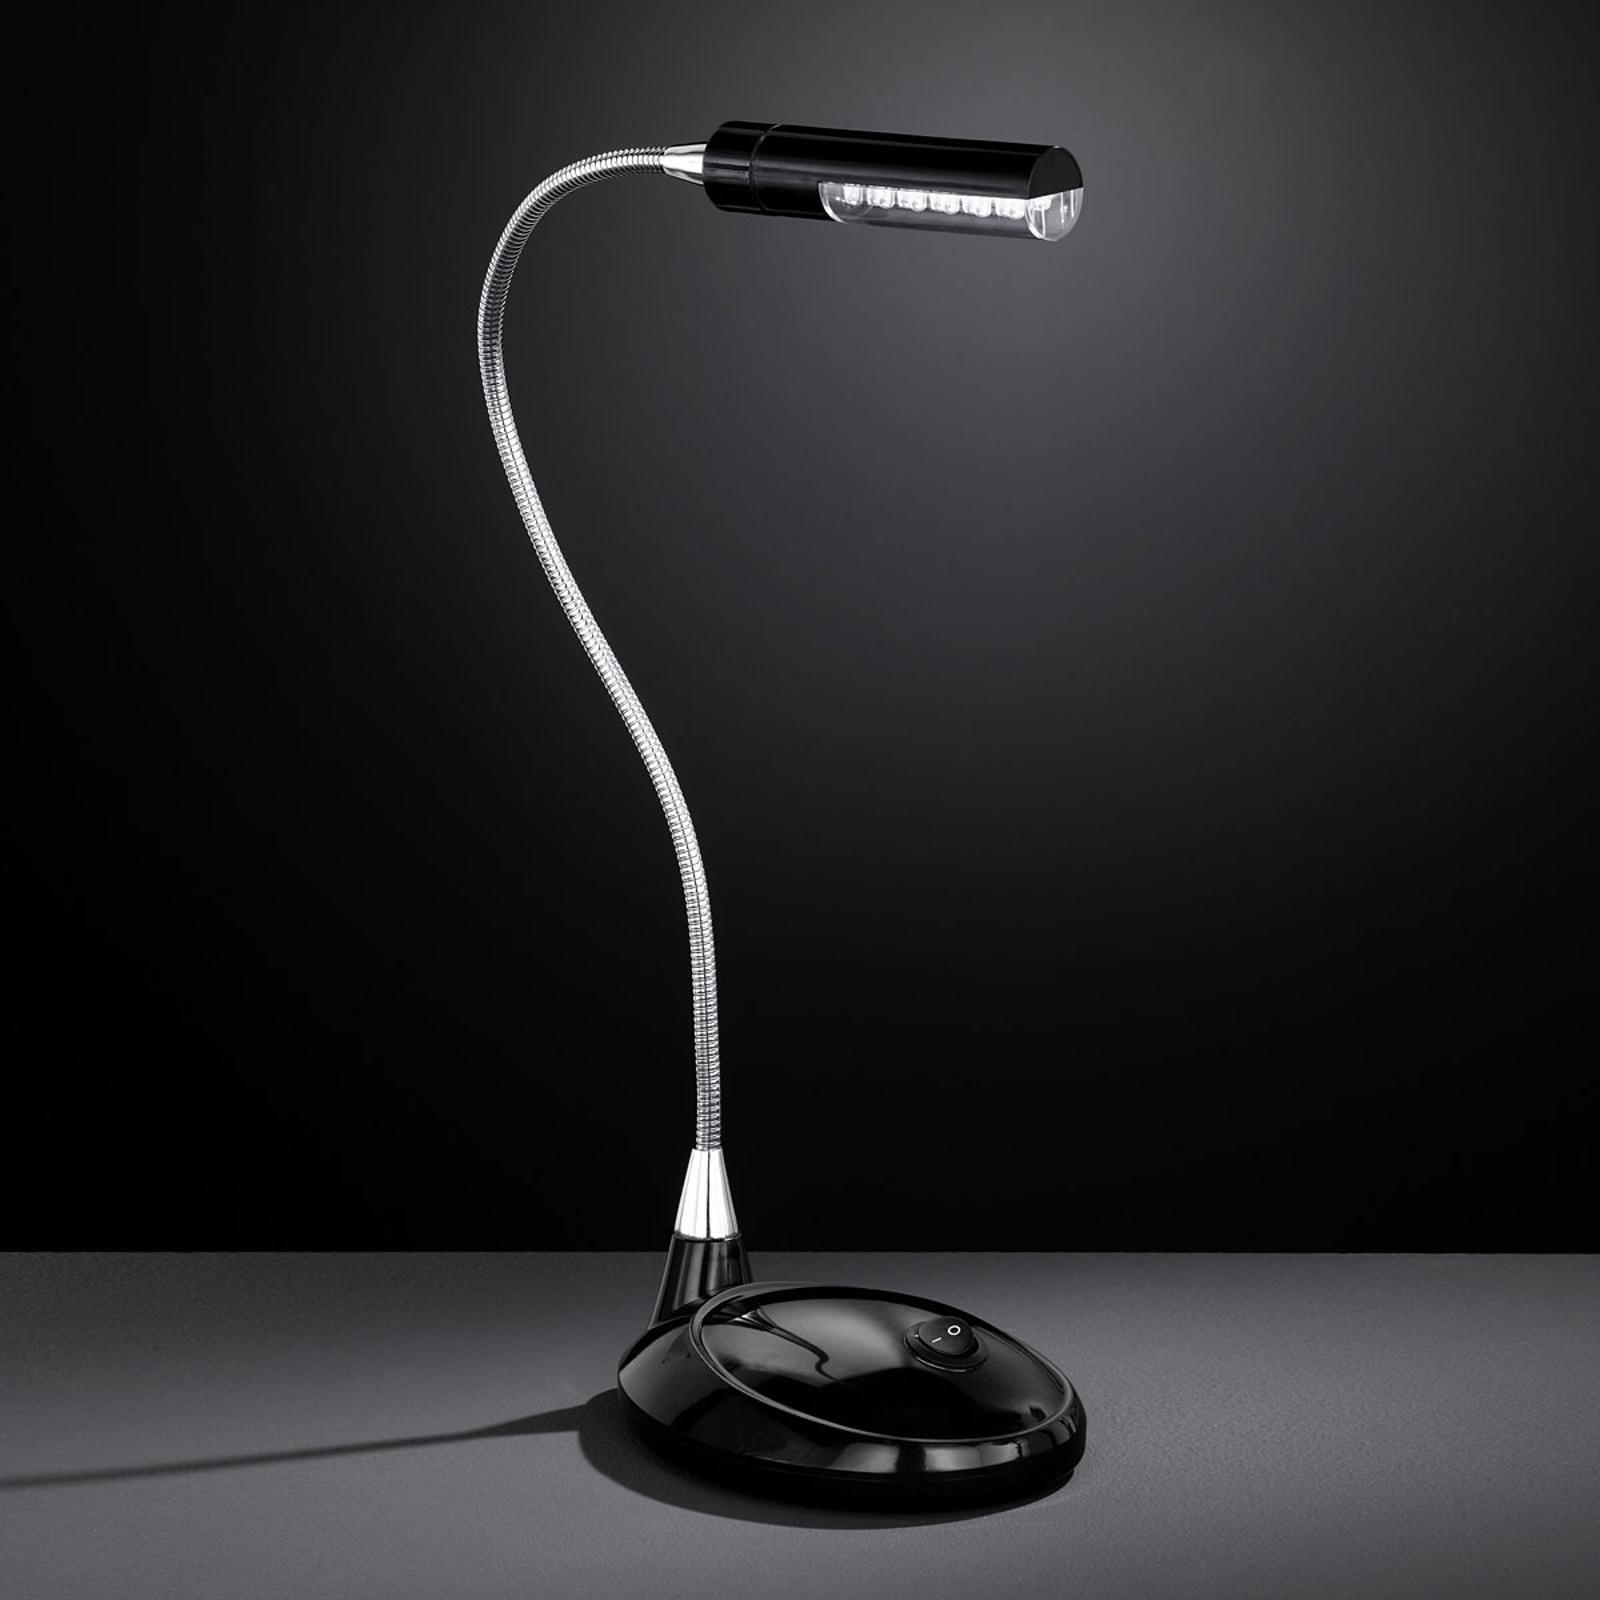 Lampe de bureau LED FLEX 901 noire